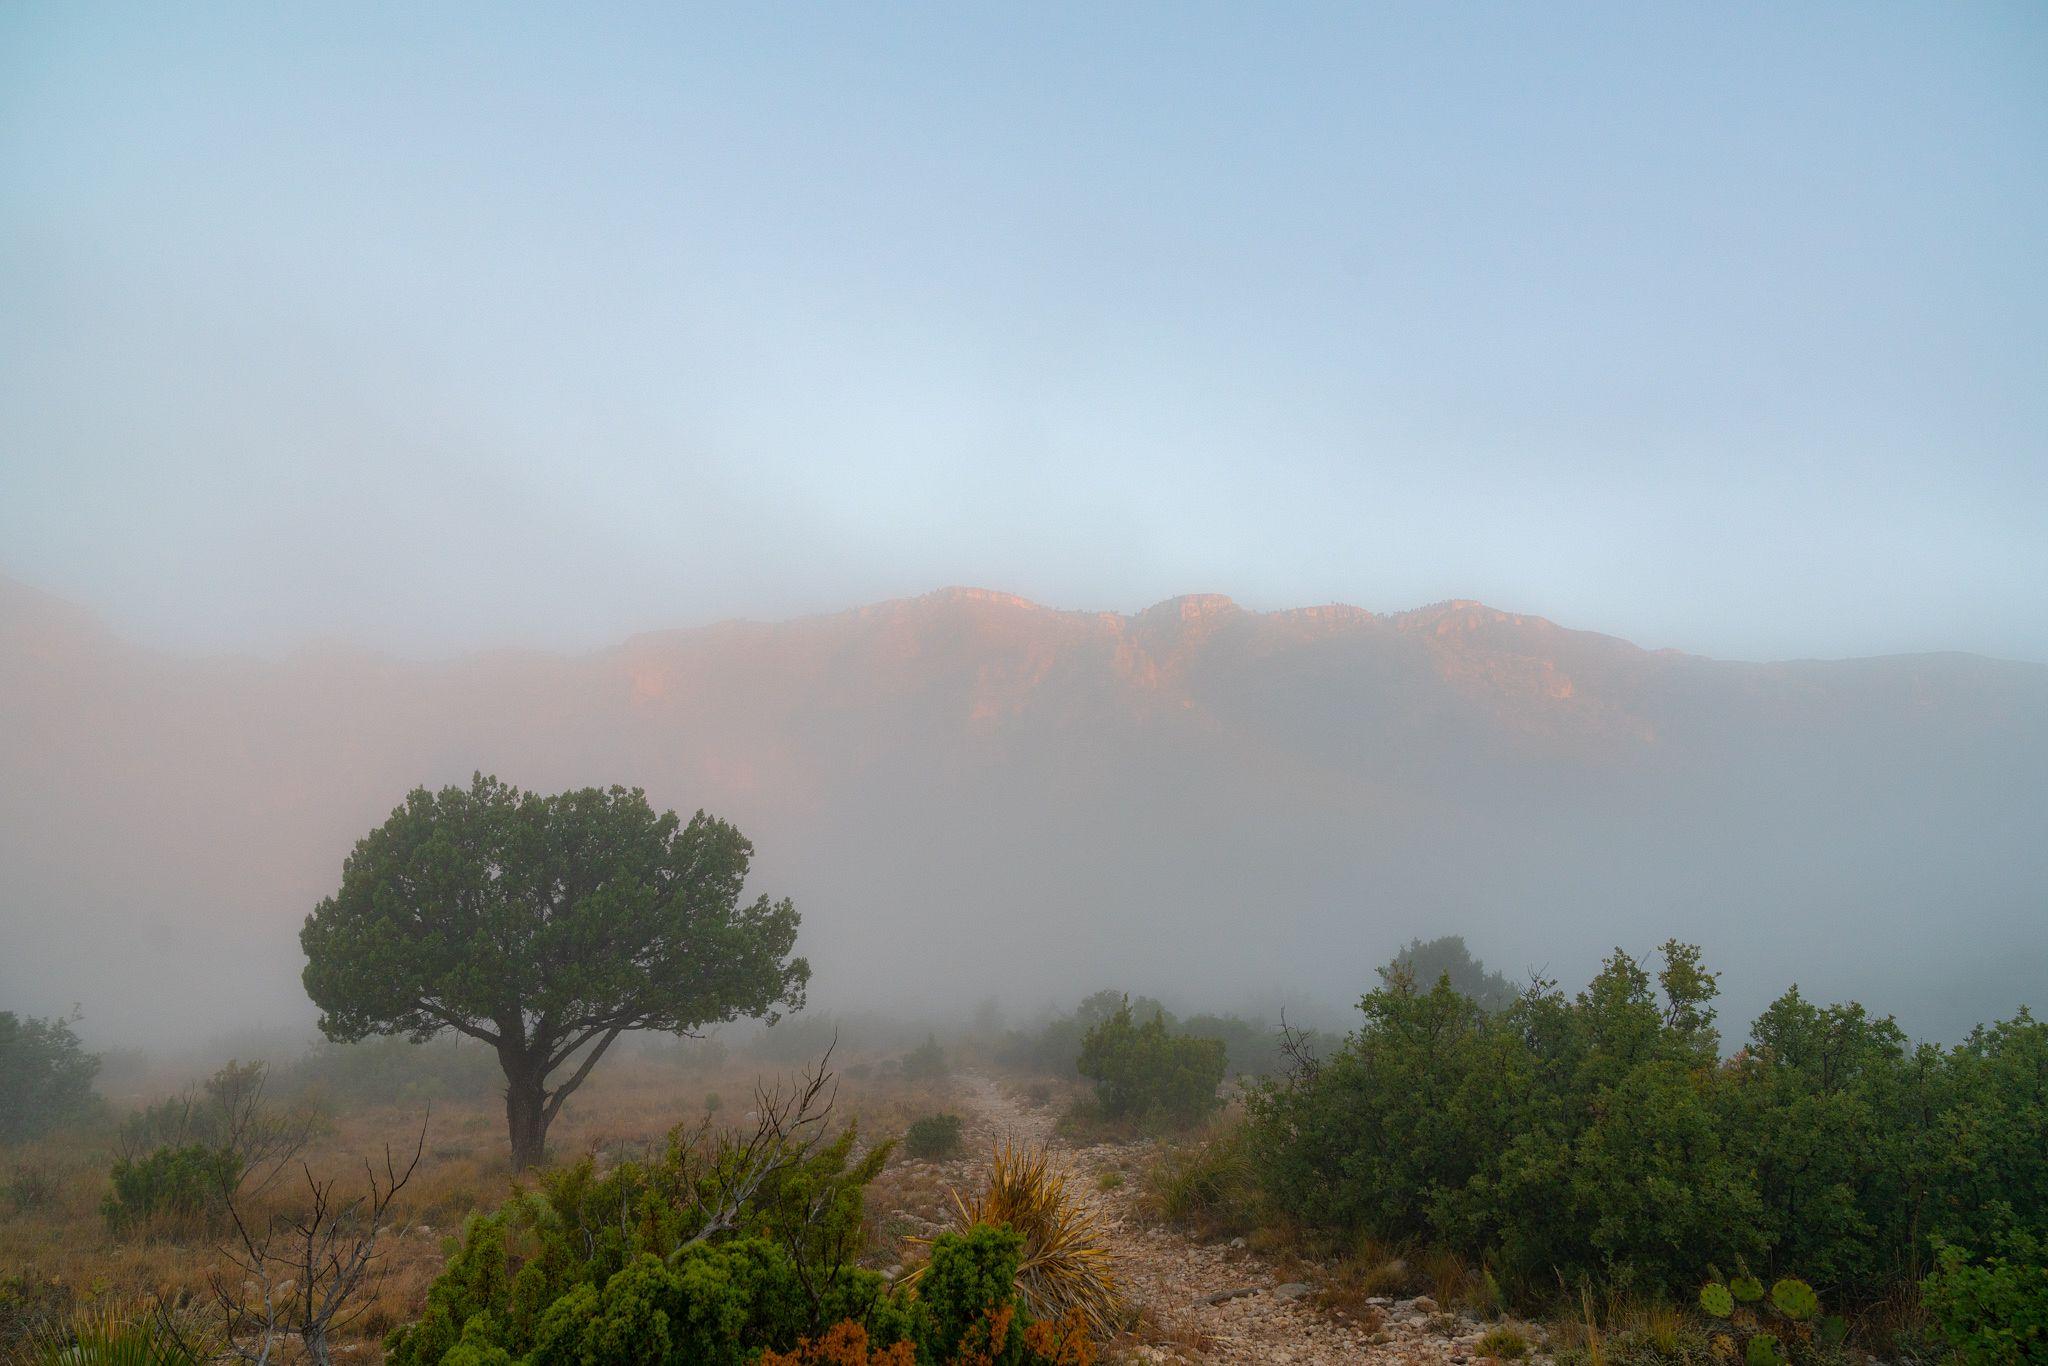 Fog on Smith Spring Trail